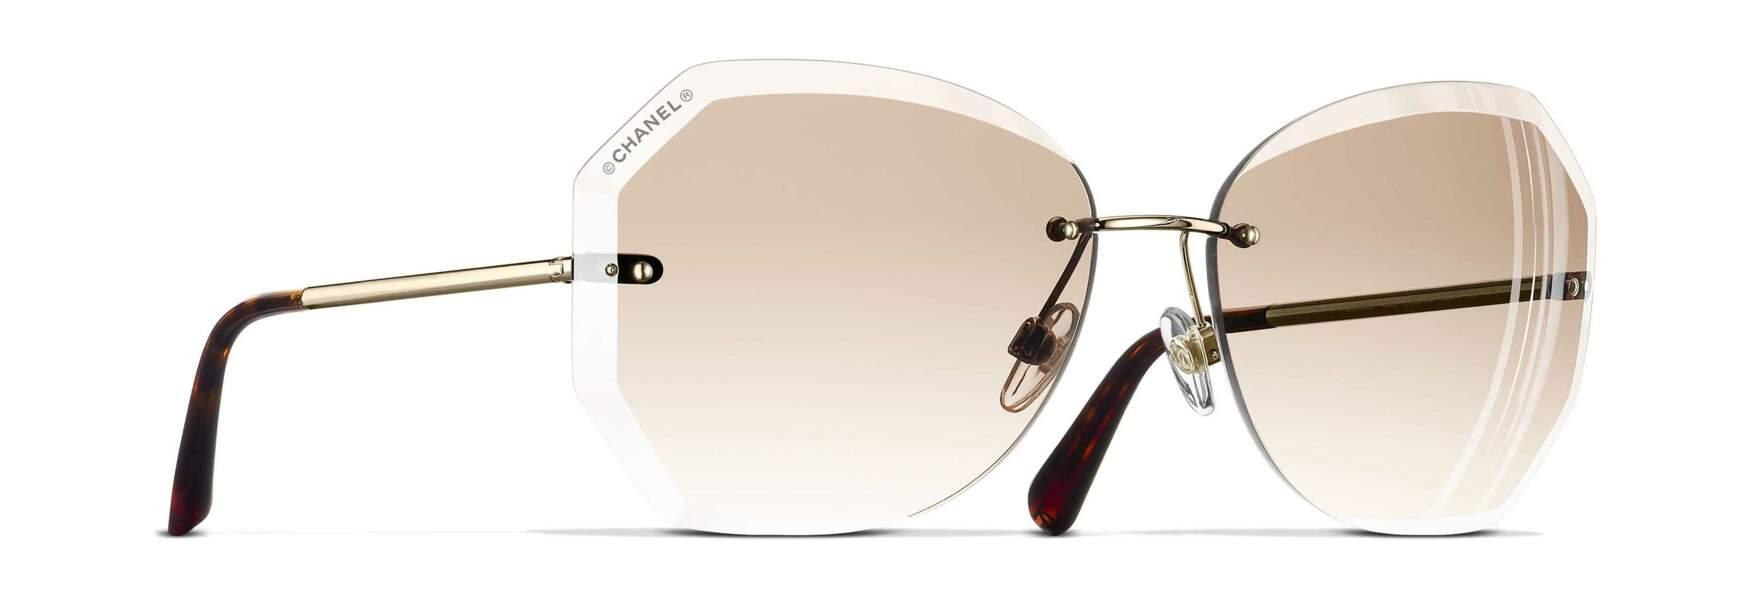 Lunettes de soleil Papillon, 302€, Chanel sur Optical Center